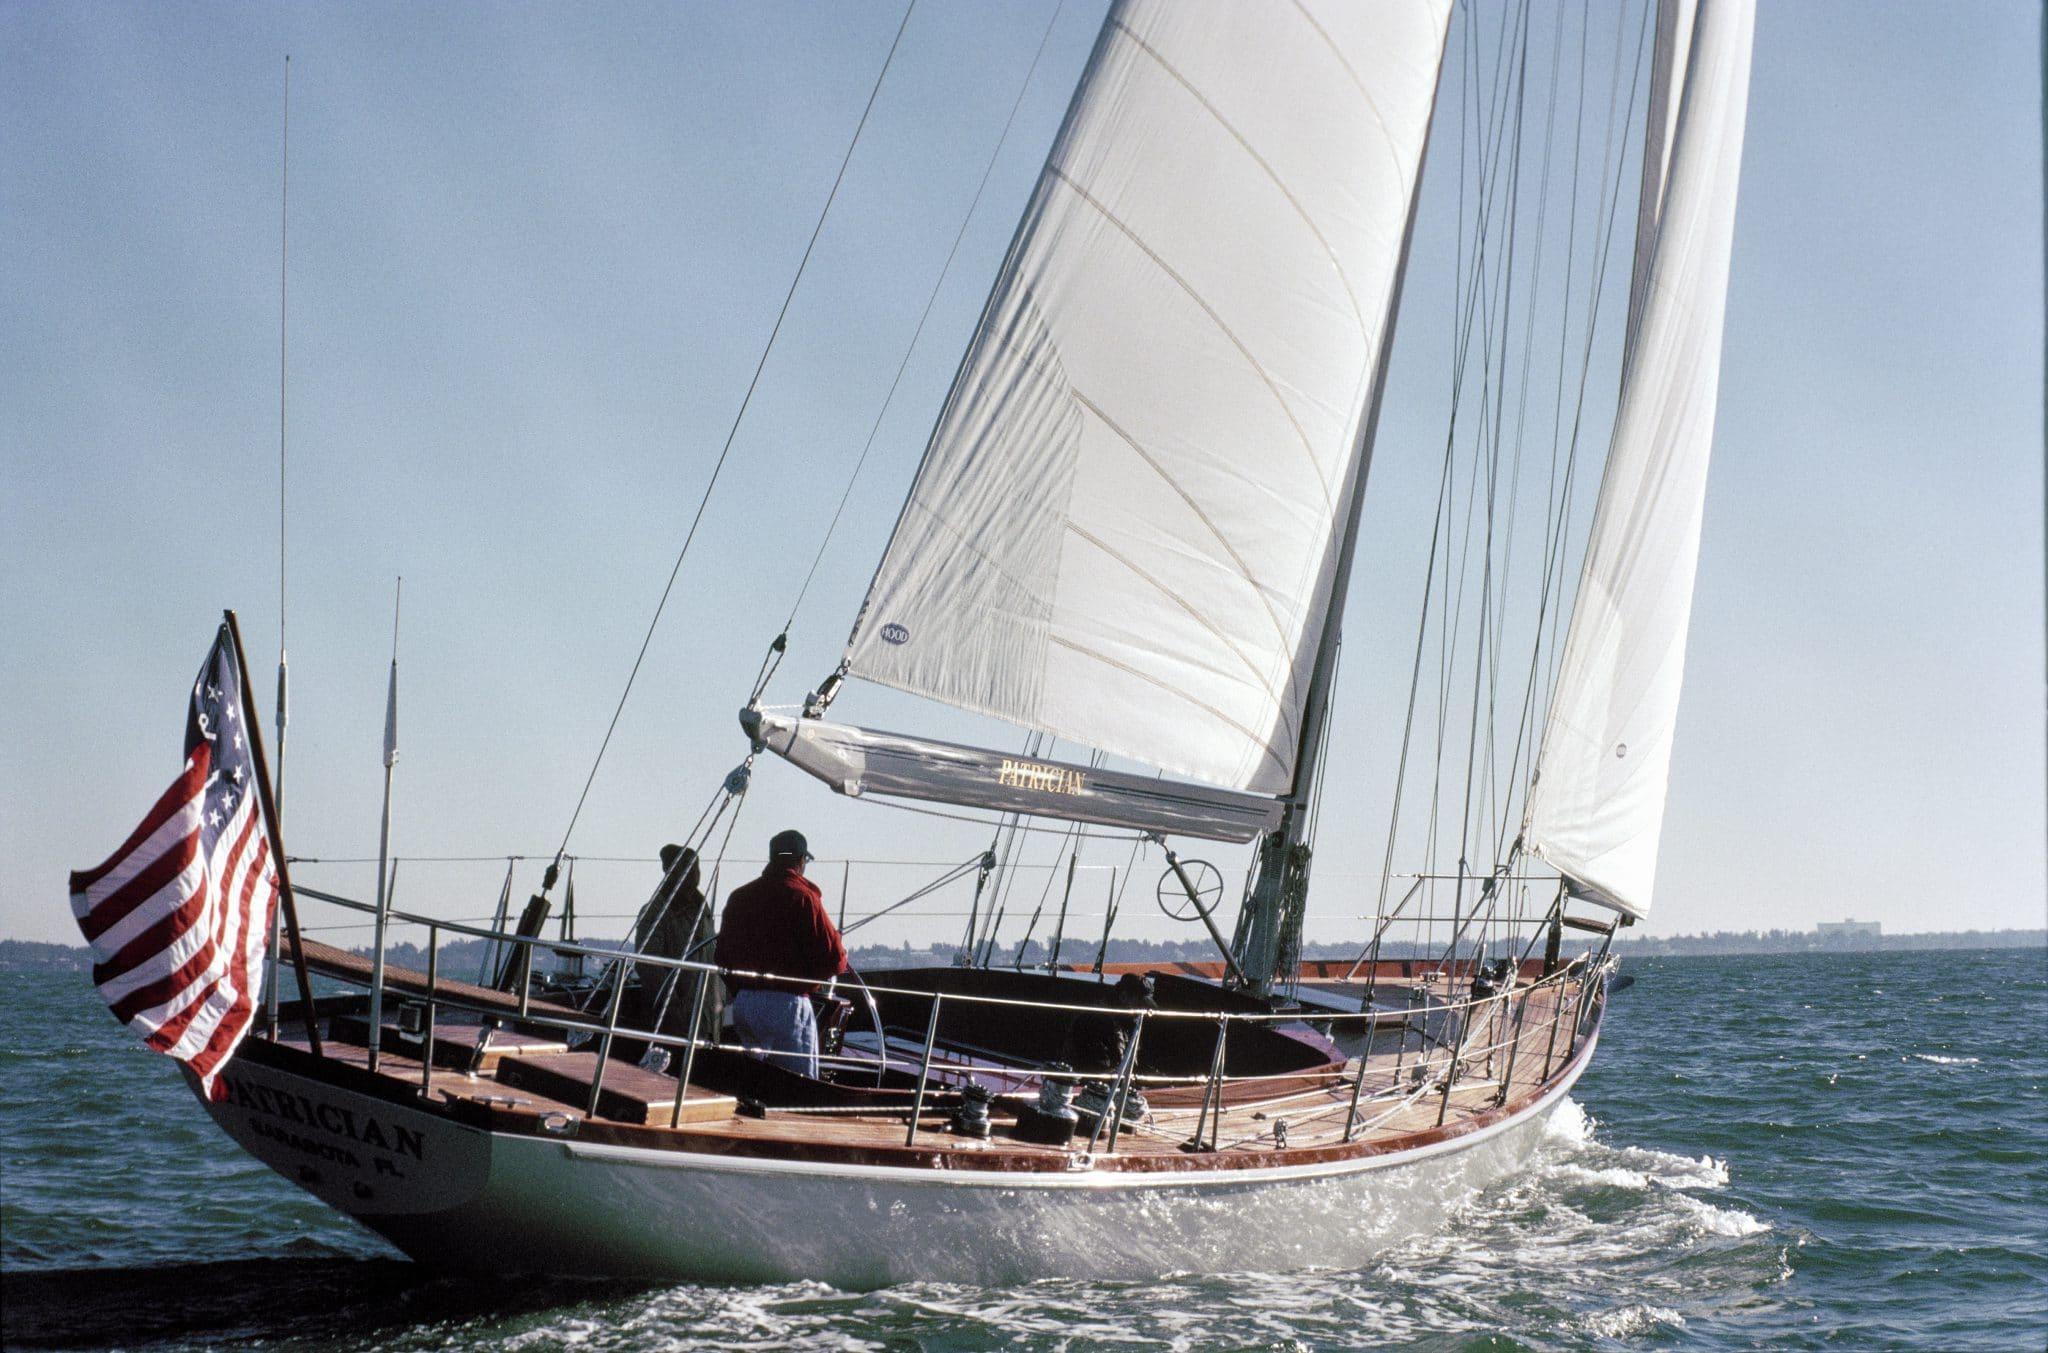 Patrician at sea